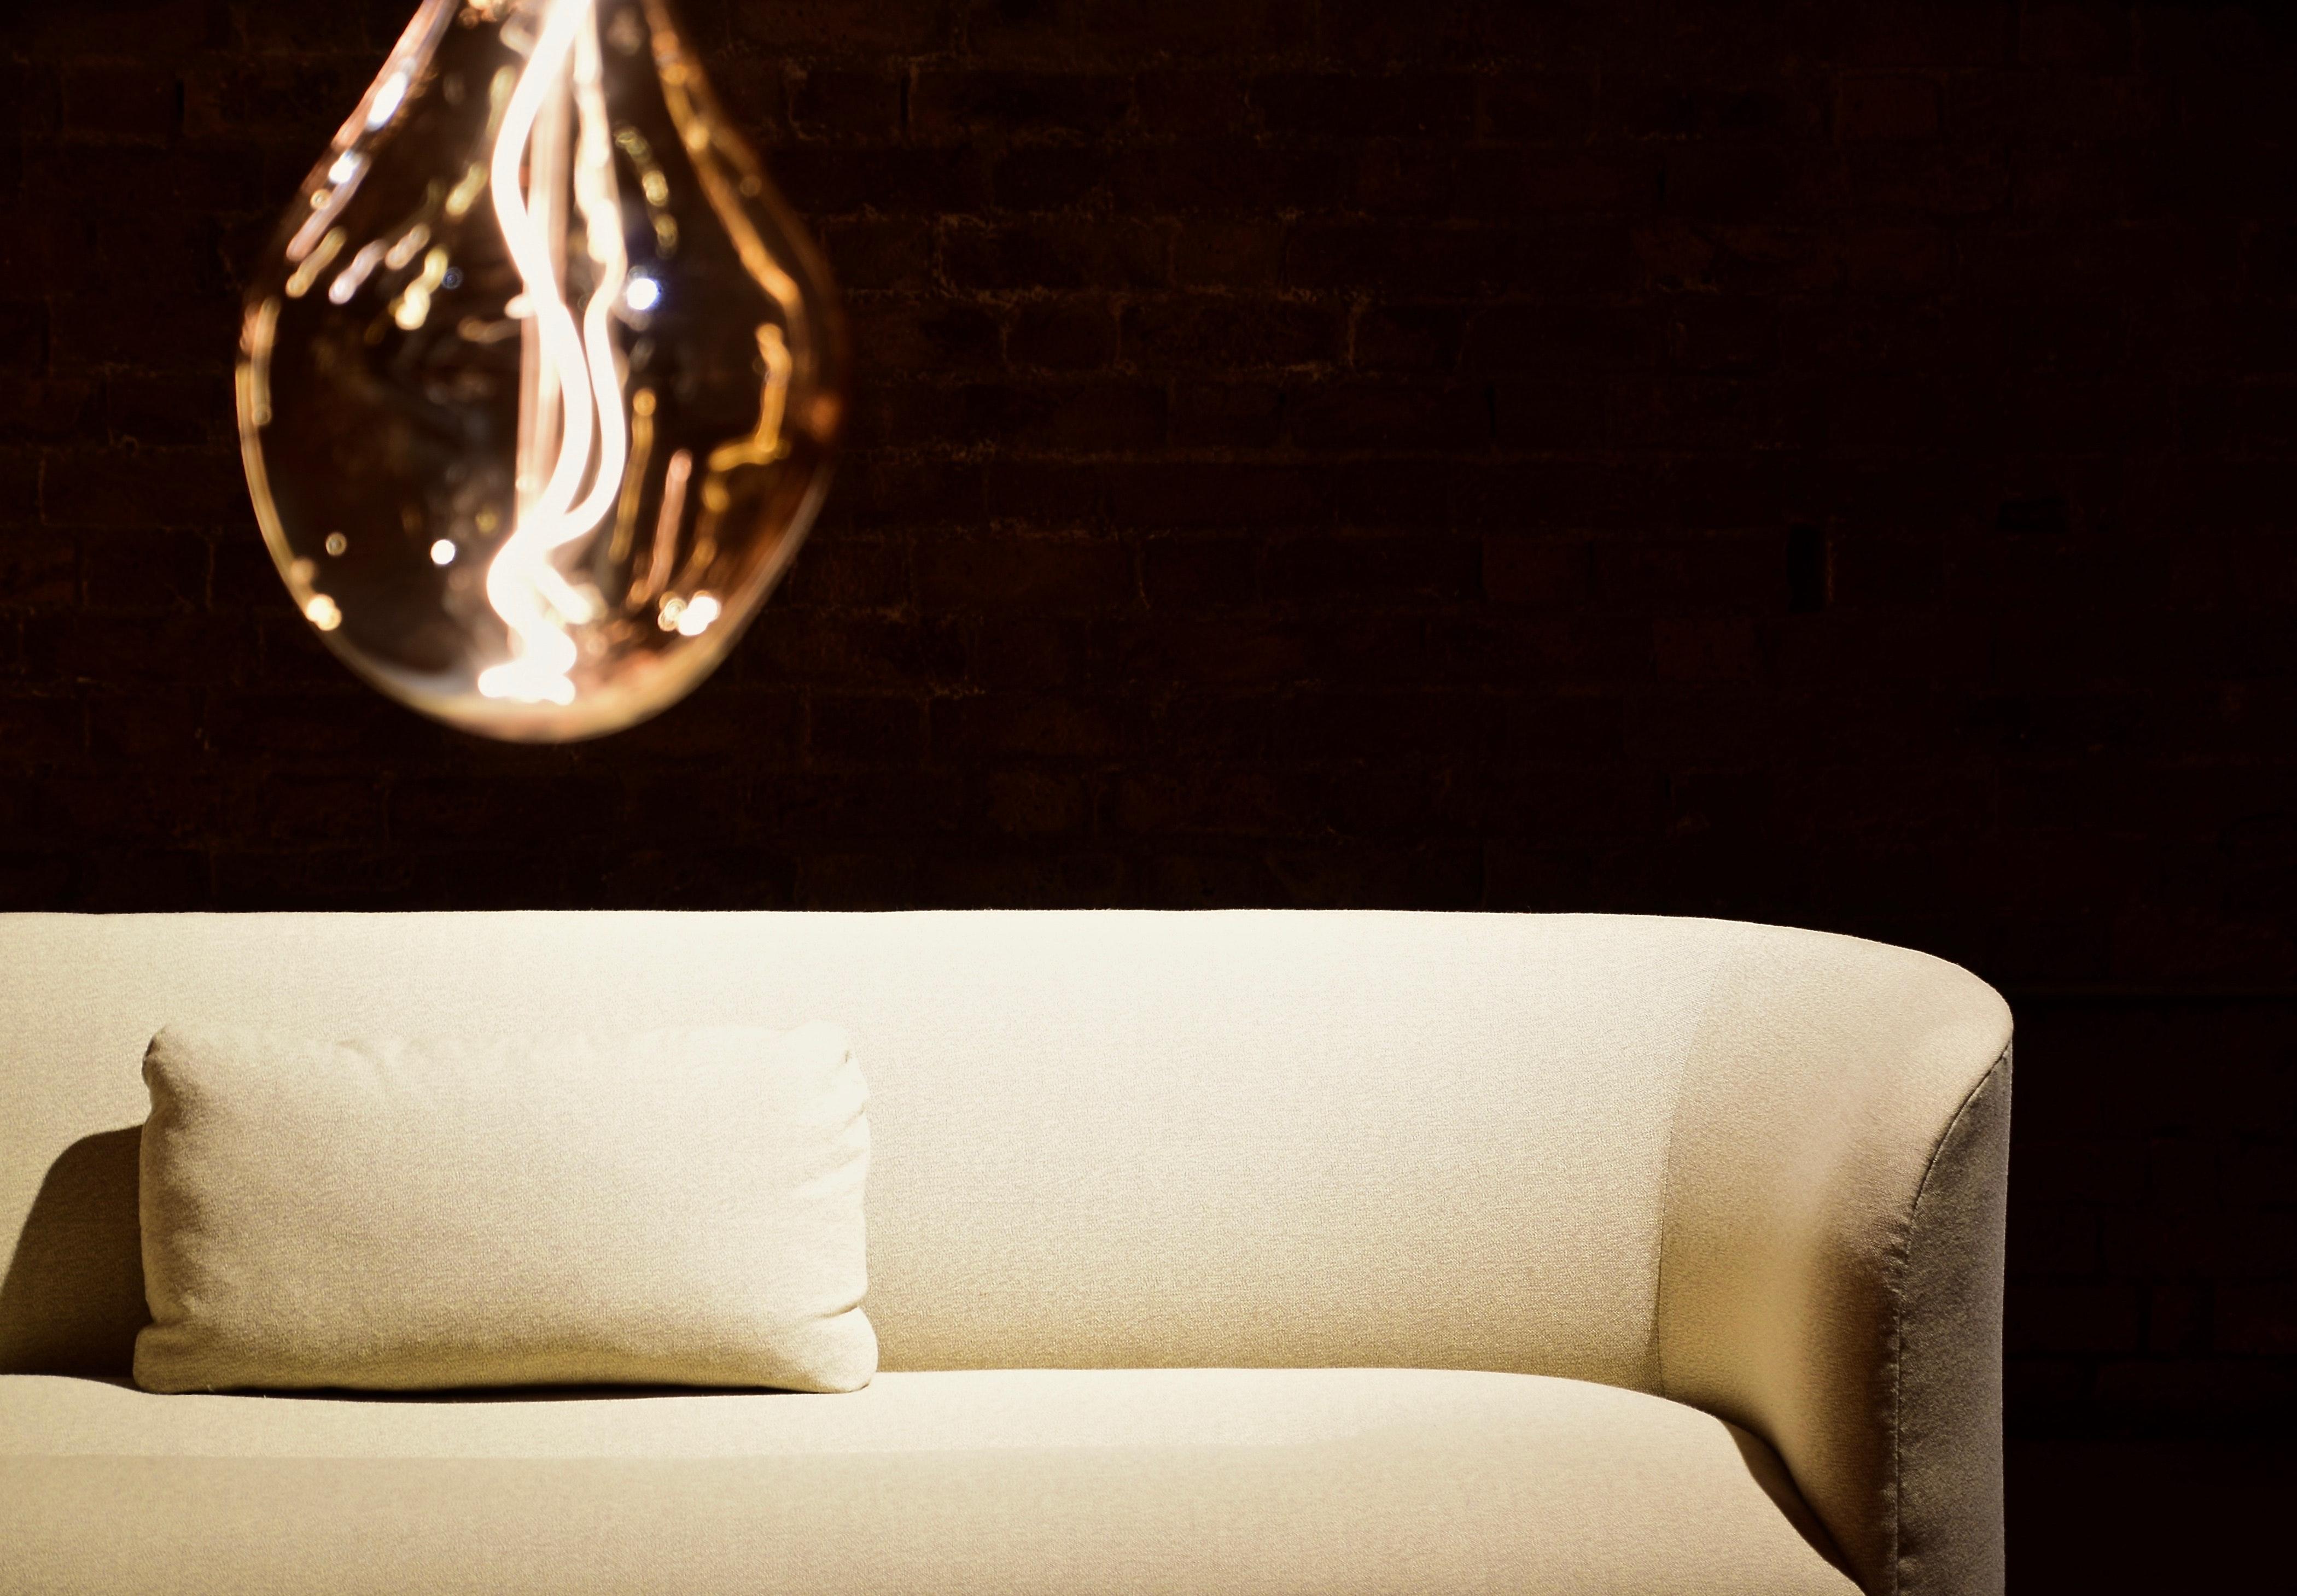 Iluminación ecológica, cómo combinar diseño y sostenibilidad